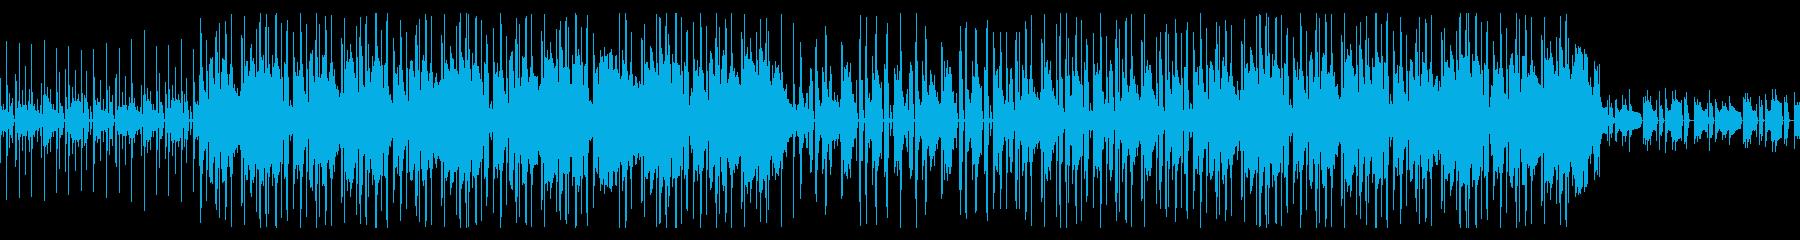 アンニュイなローファイヒップホップの再生済みの波形